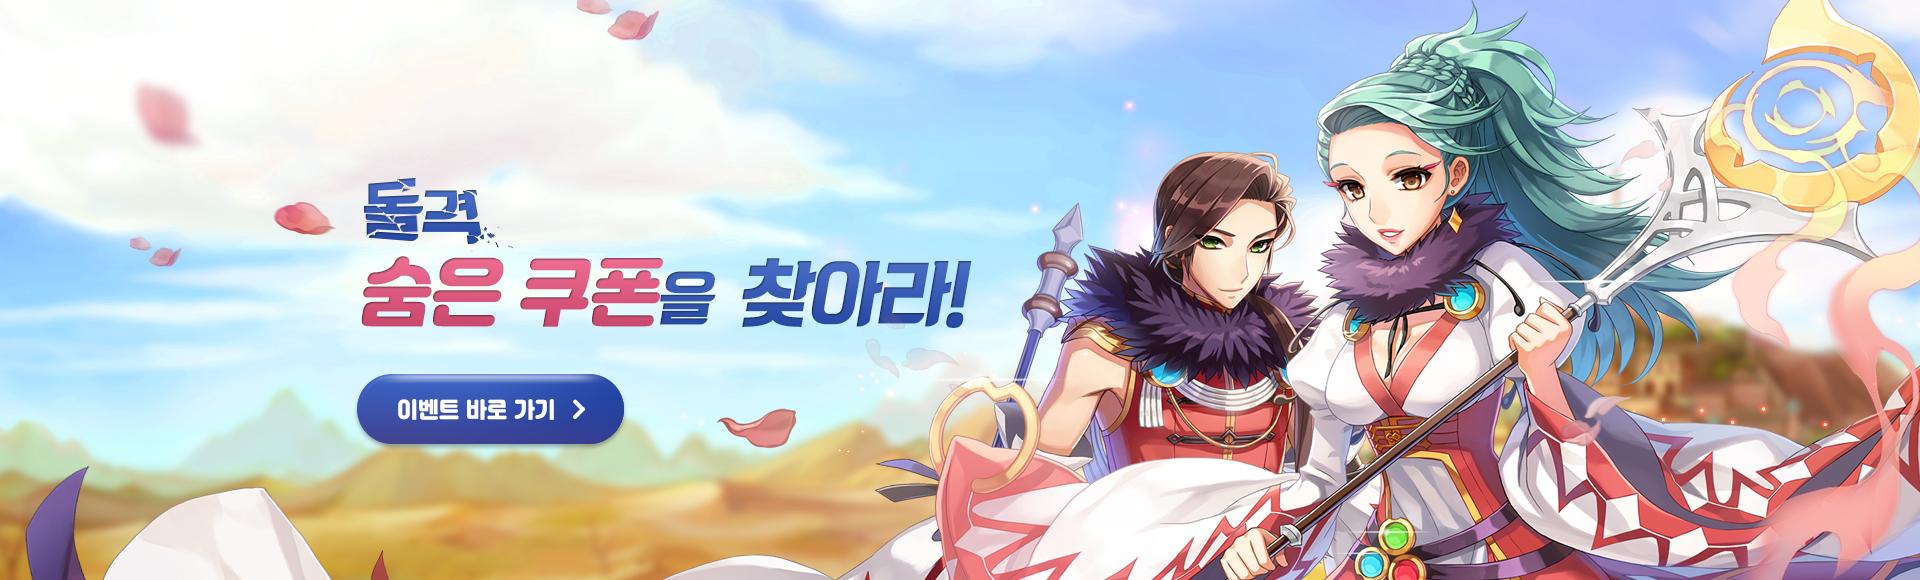 공식 홈페이지 쿠폰 공개 이벤트!